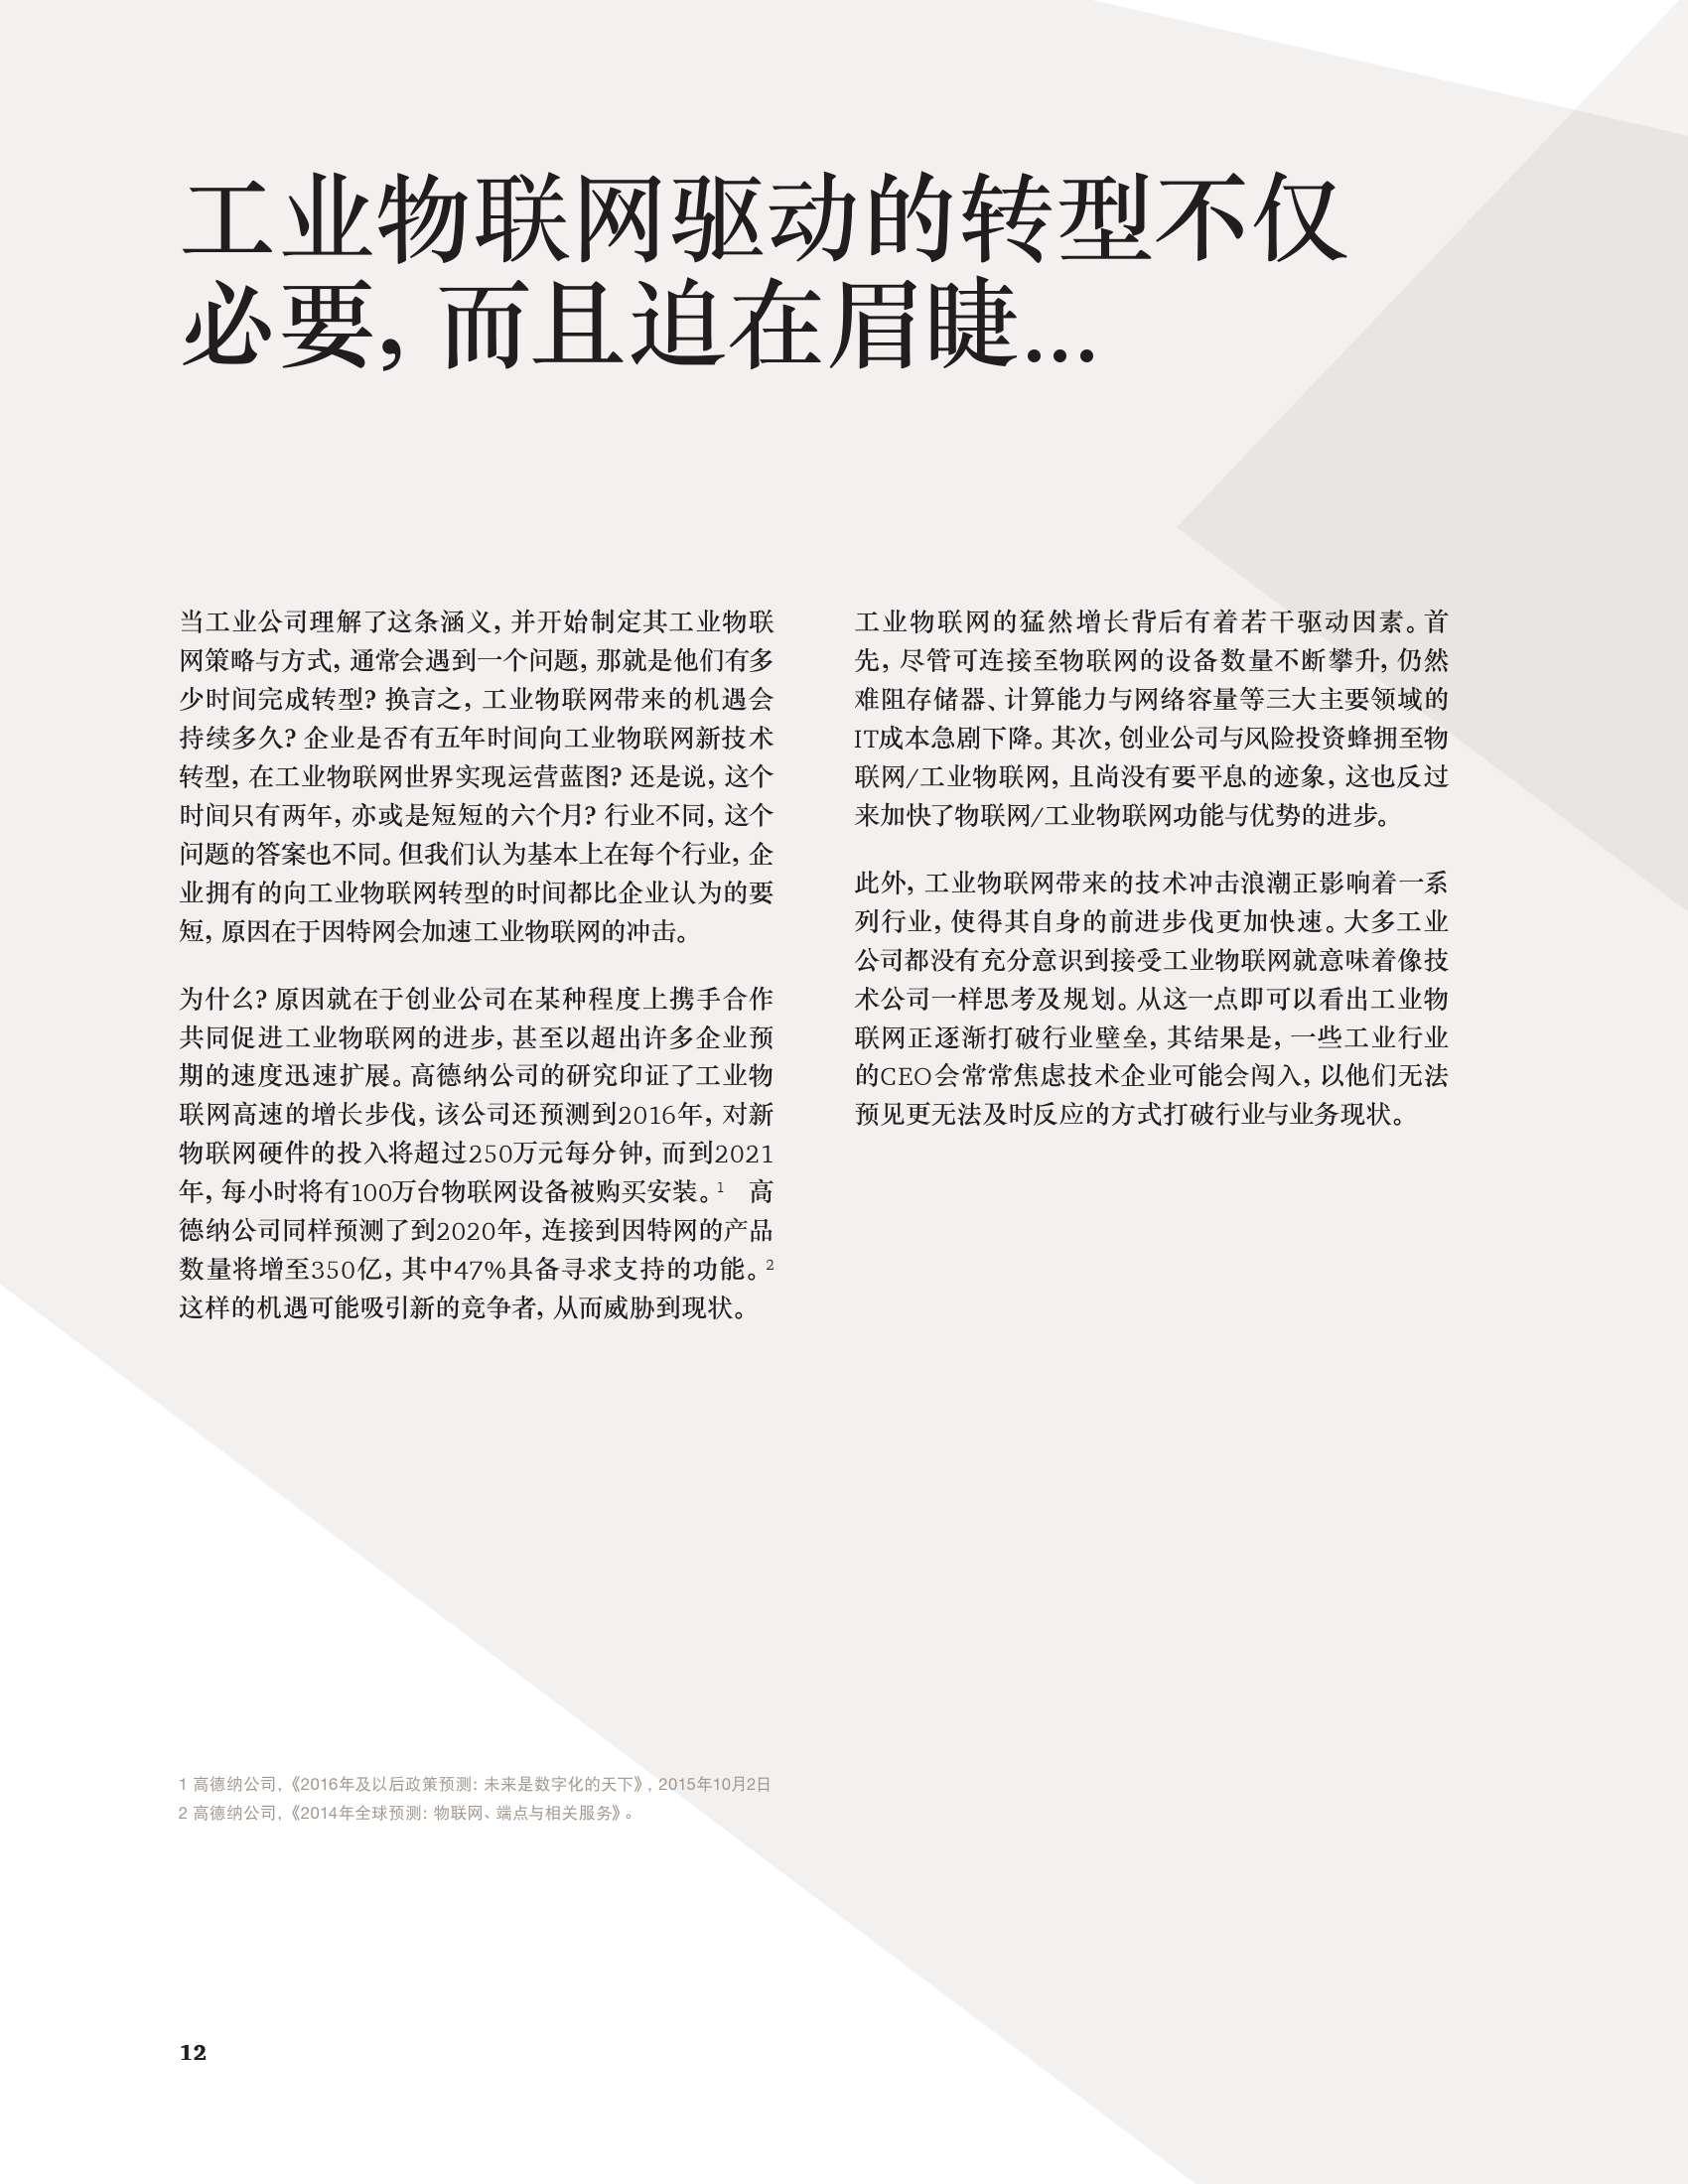 工业互联网_000014